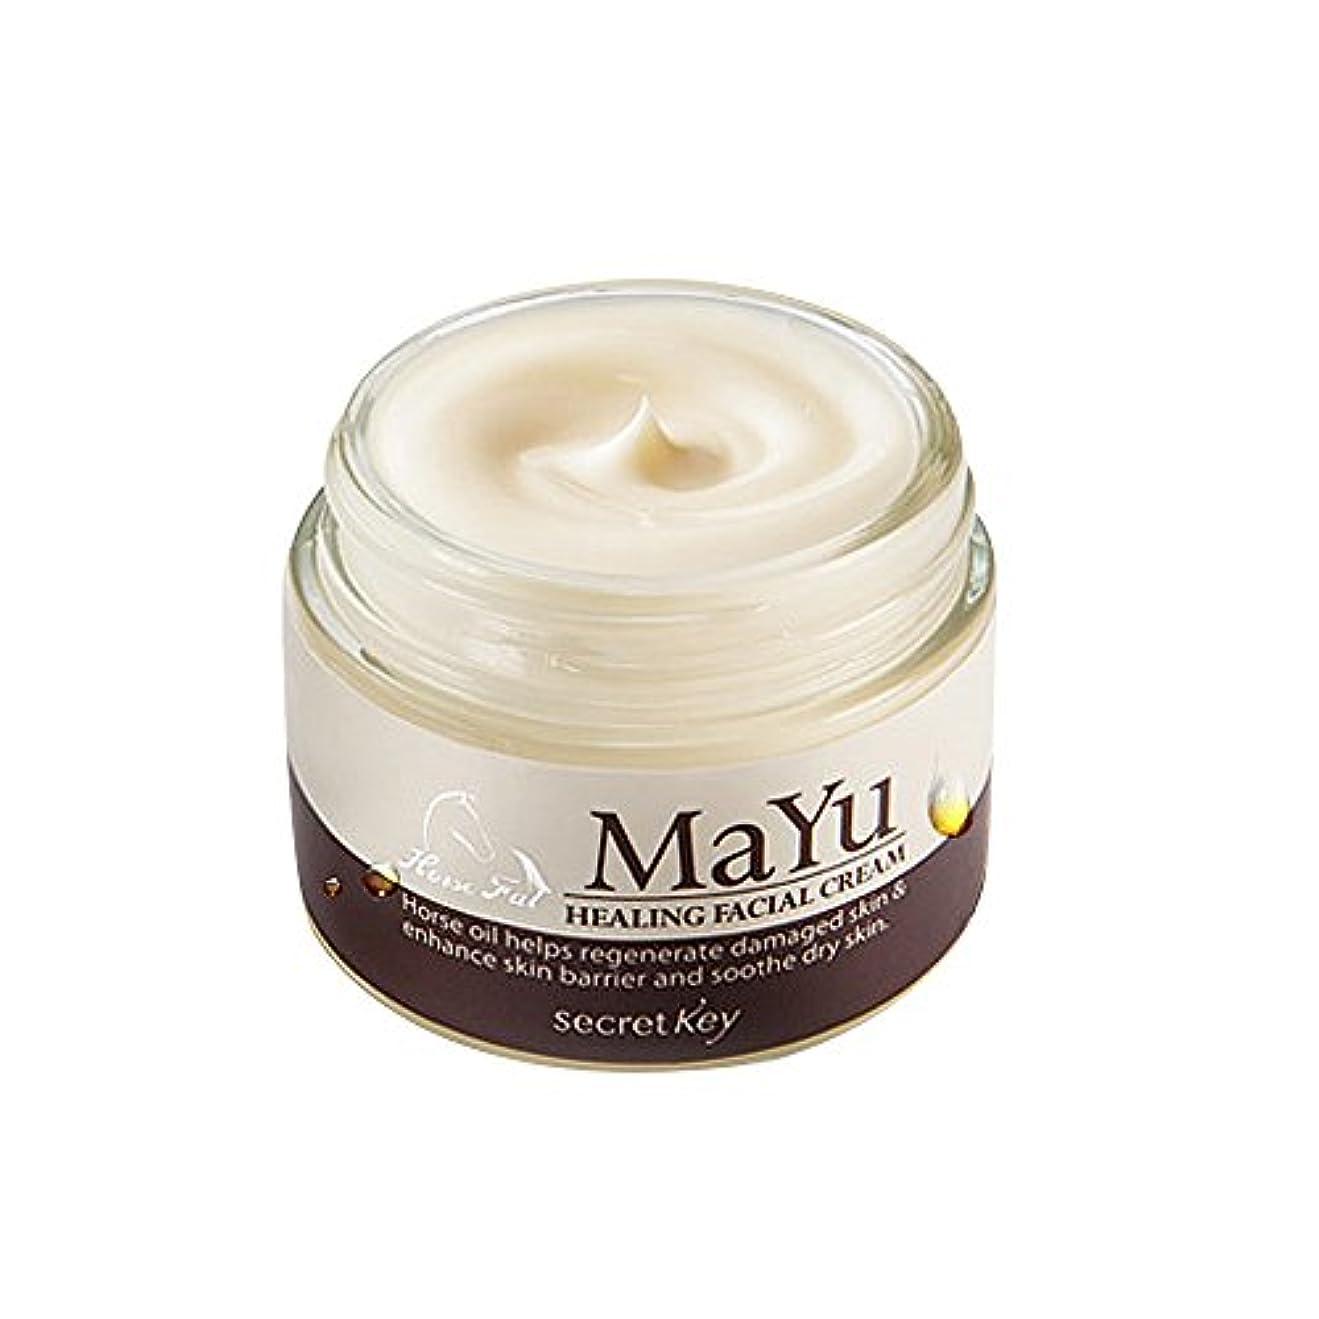 不機嫌そうなことわざマルクス主義[シークレットキー]Secretkey 馬油ヒーリングフェイシャルクリーム70g 海外直送品 Mayu Healing Facial Cream 70g